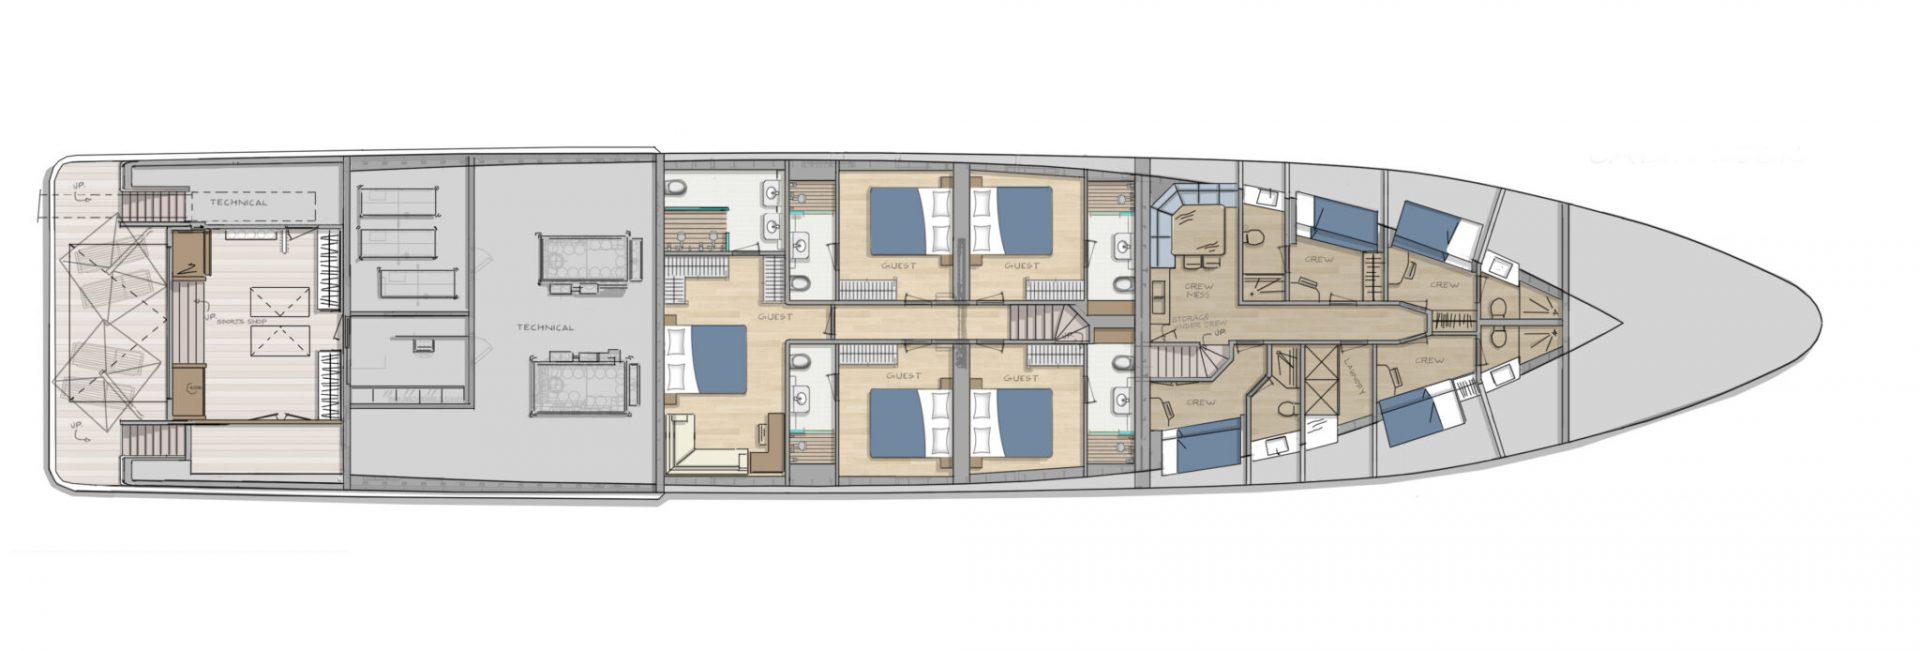 DIANA R.50 - lowerdeck - superyacht concept design